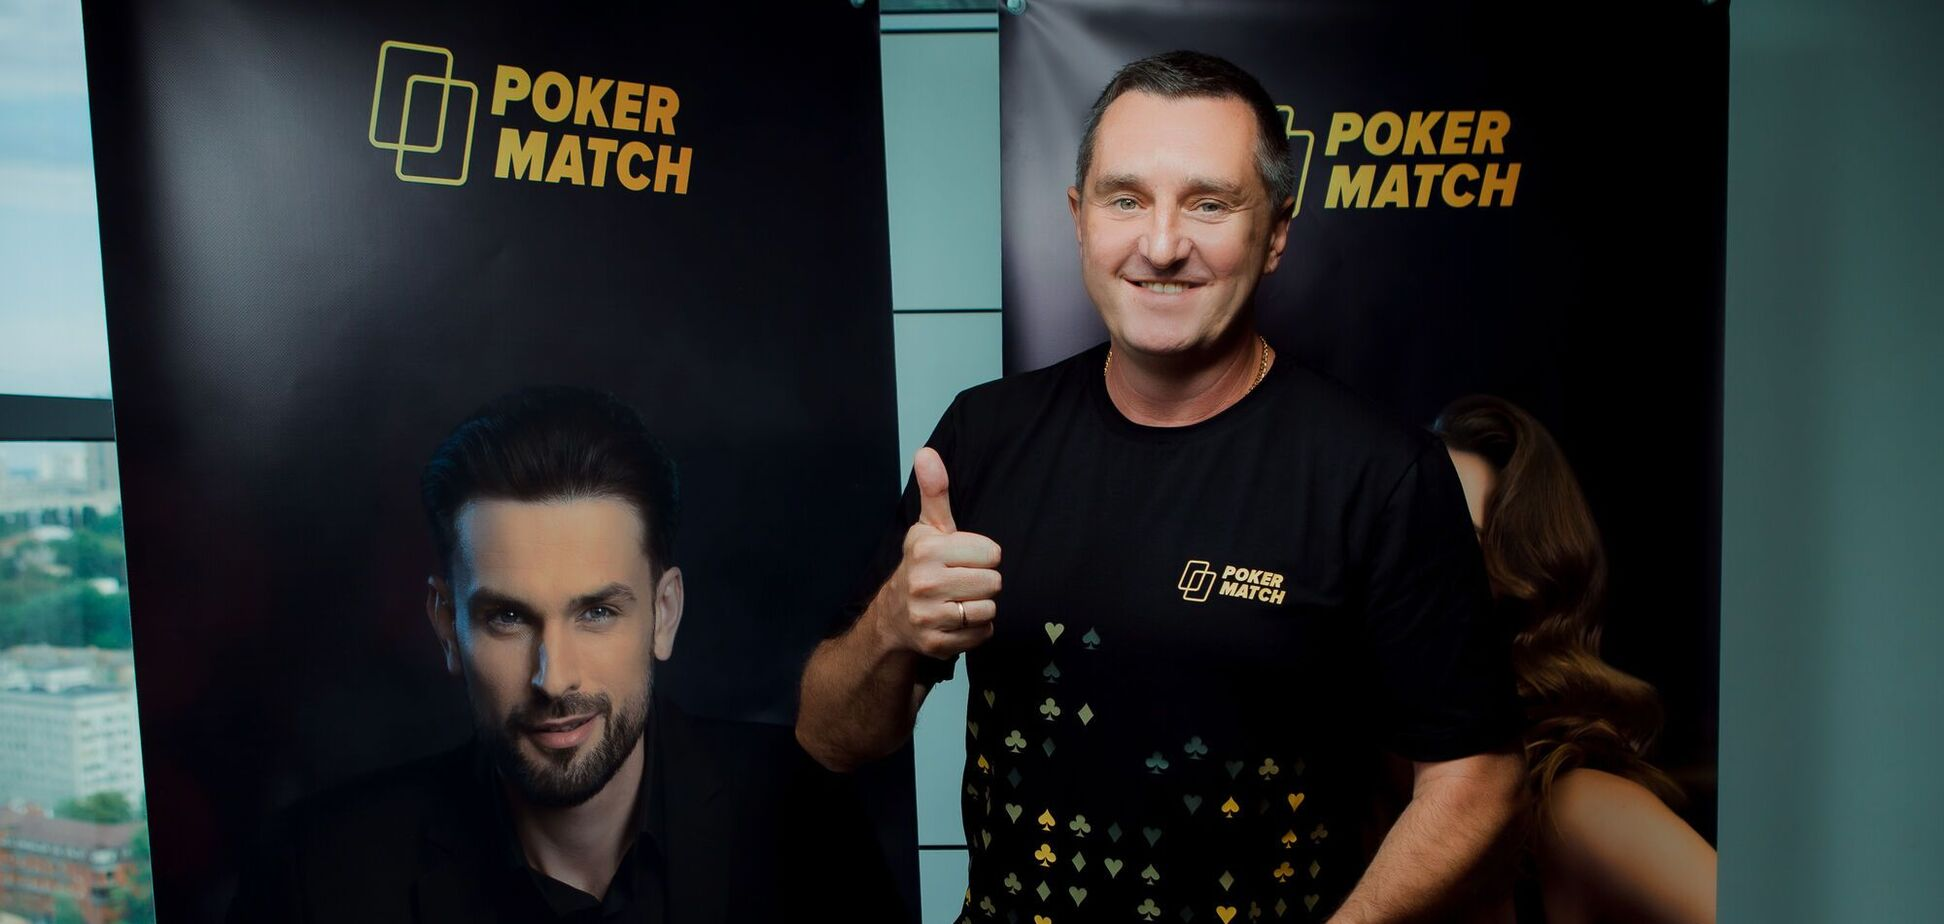 Дядя Жора став новим амбасадором покерного руму PokerMatch